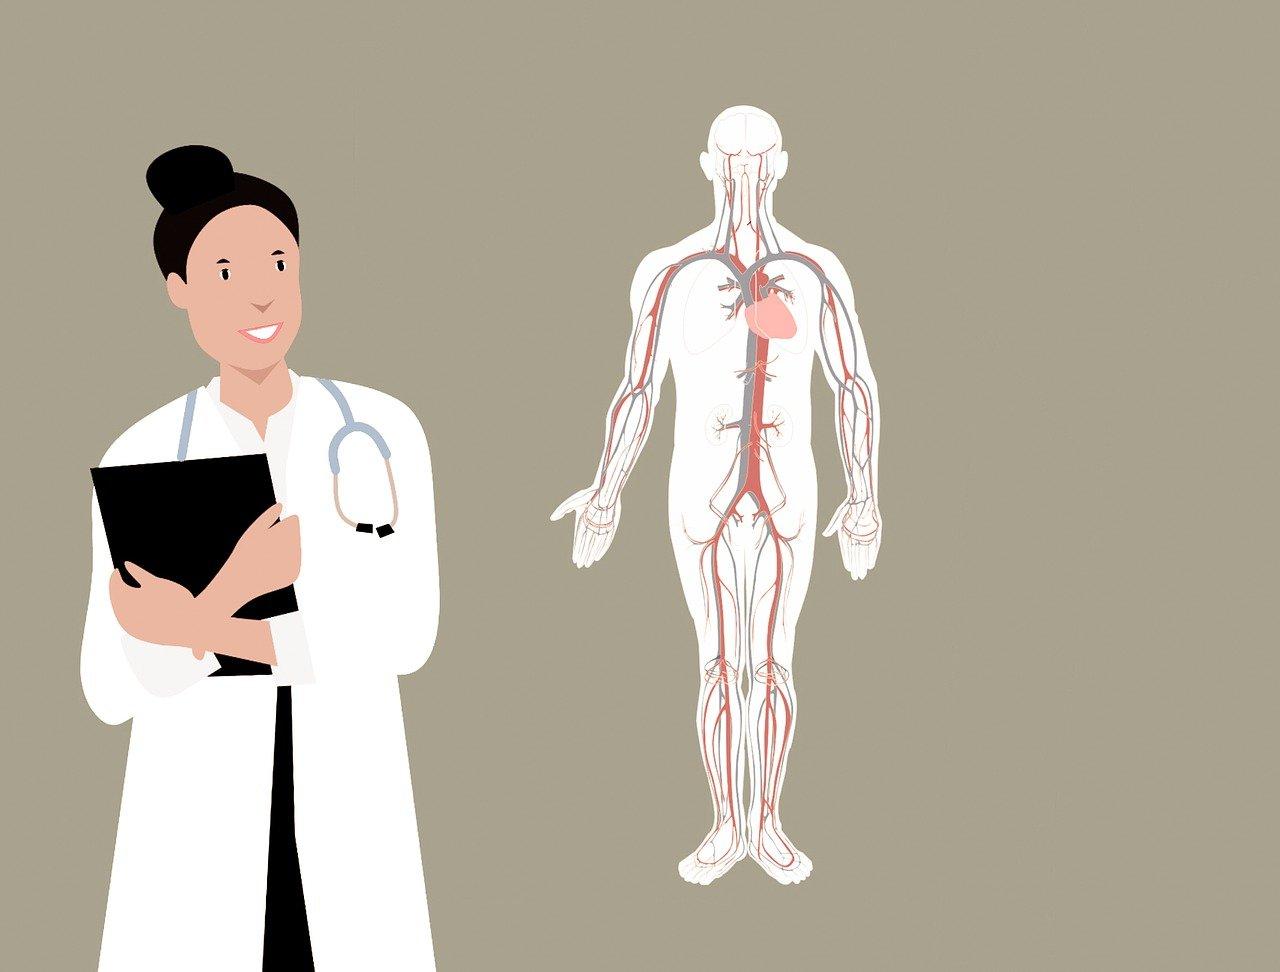 Quand faut-il faire appel à un chirurgien orthopédique? 1